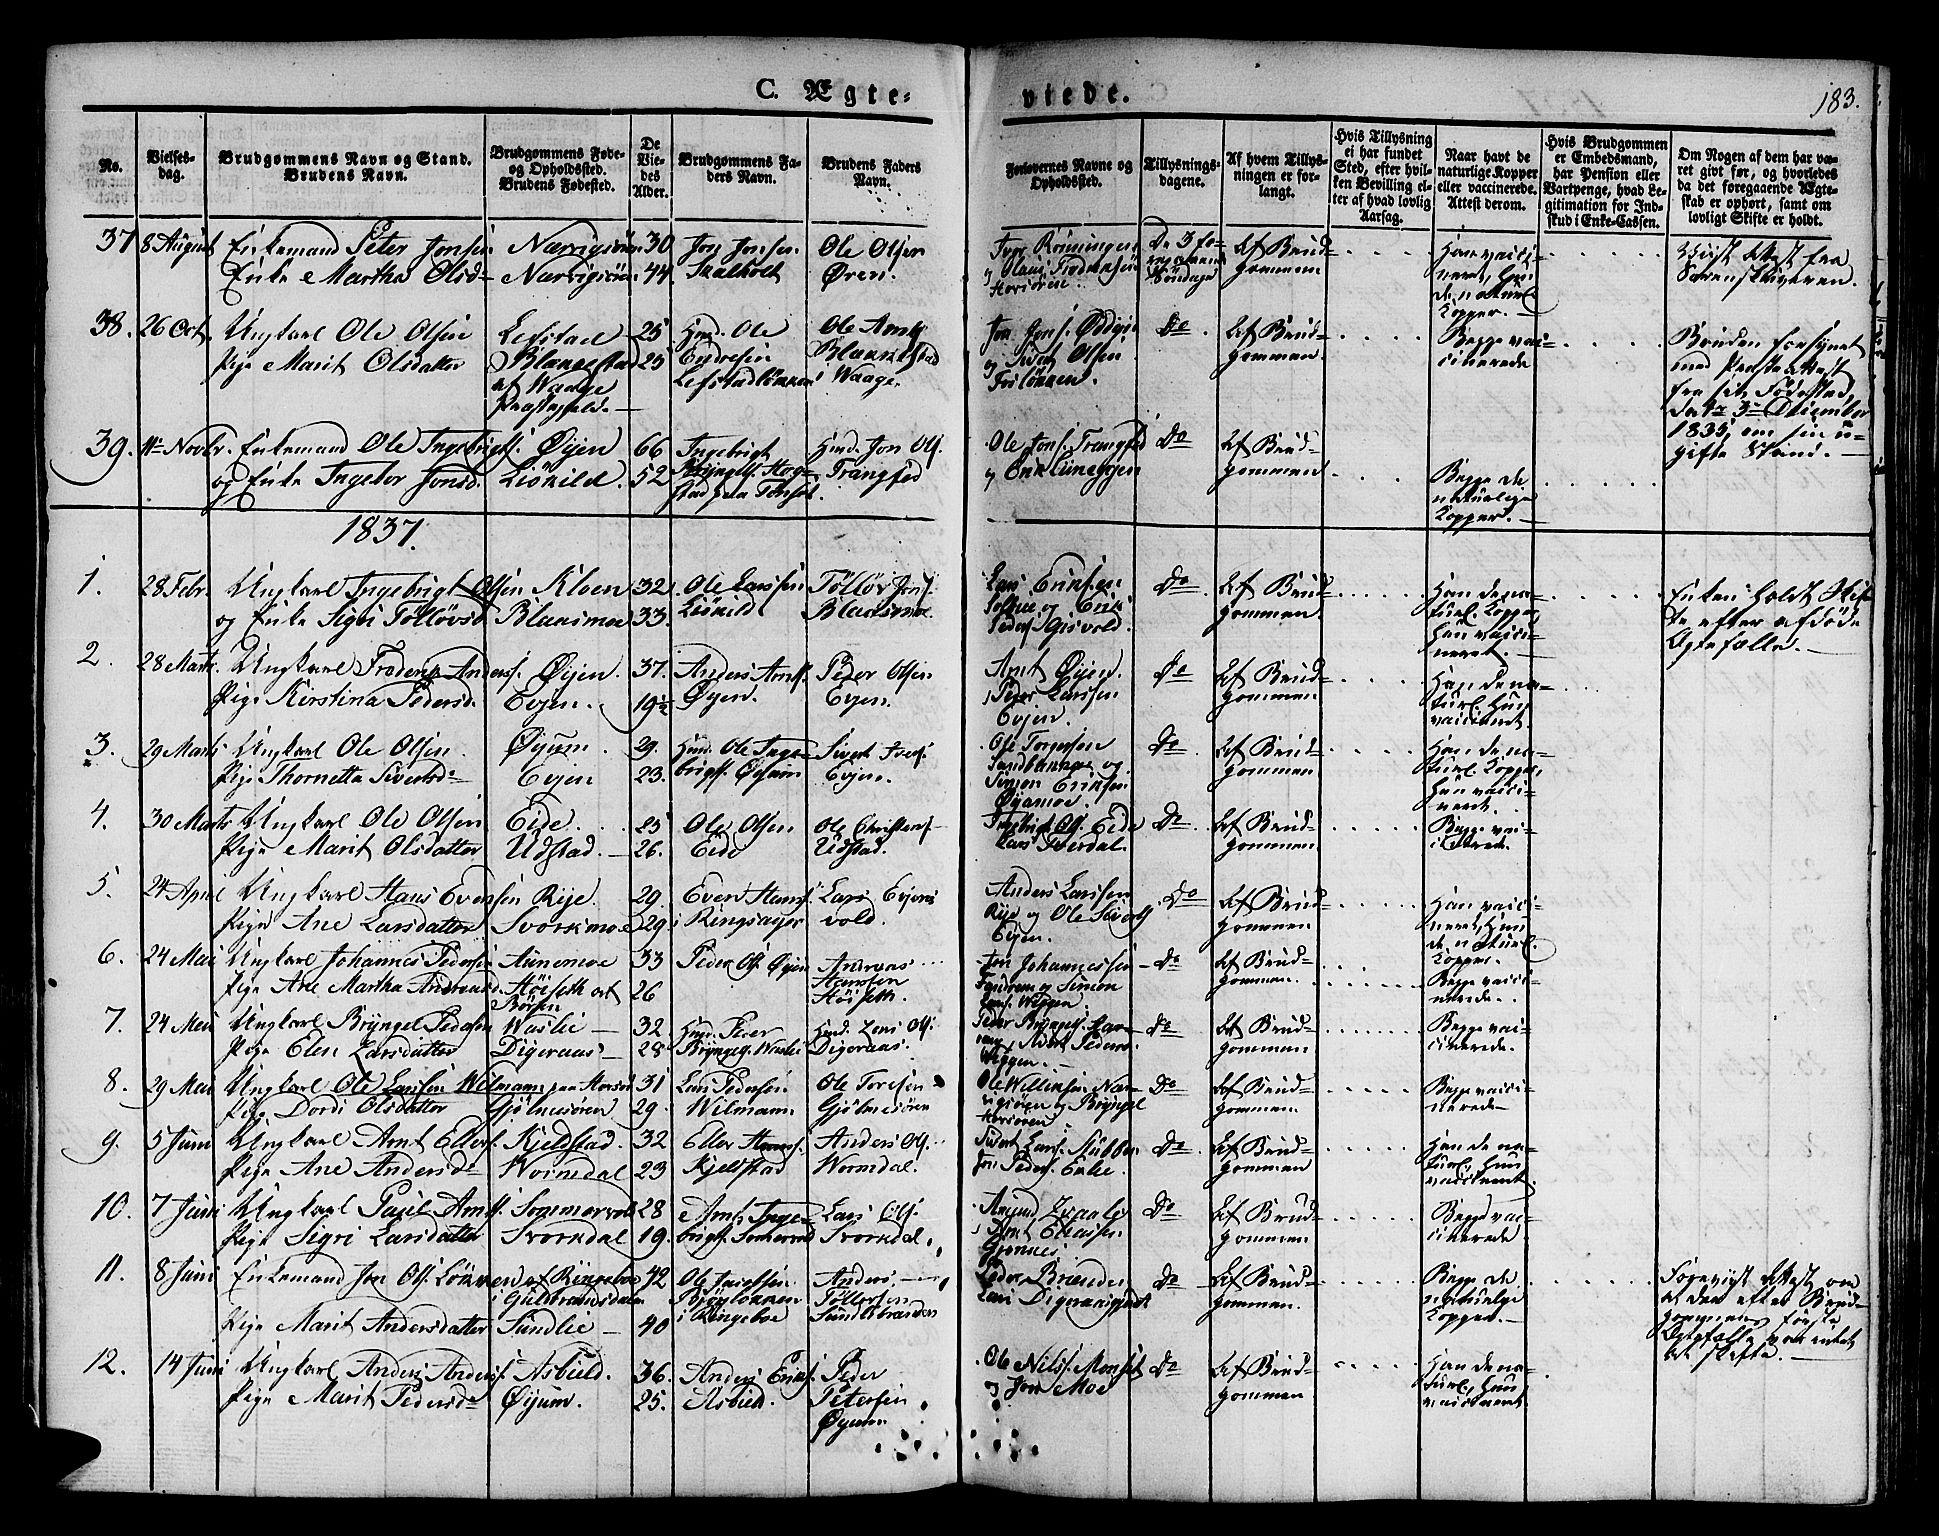 SAT, Ministerialprotokoller, klokkerbøker og fødselsregistre - Sør-Trøndelag, 668/L0804: Ministerialbok nr. 668A04, 1826-1839, s. 183